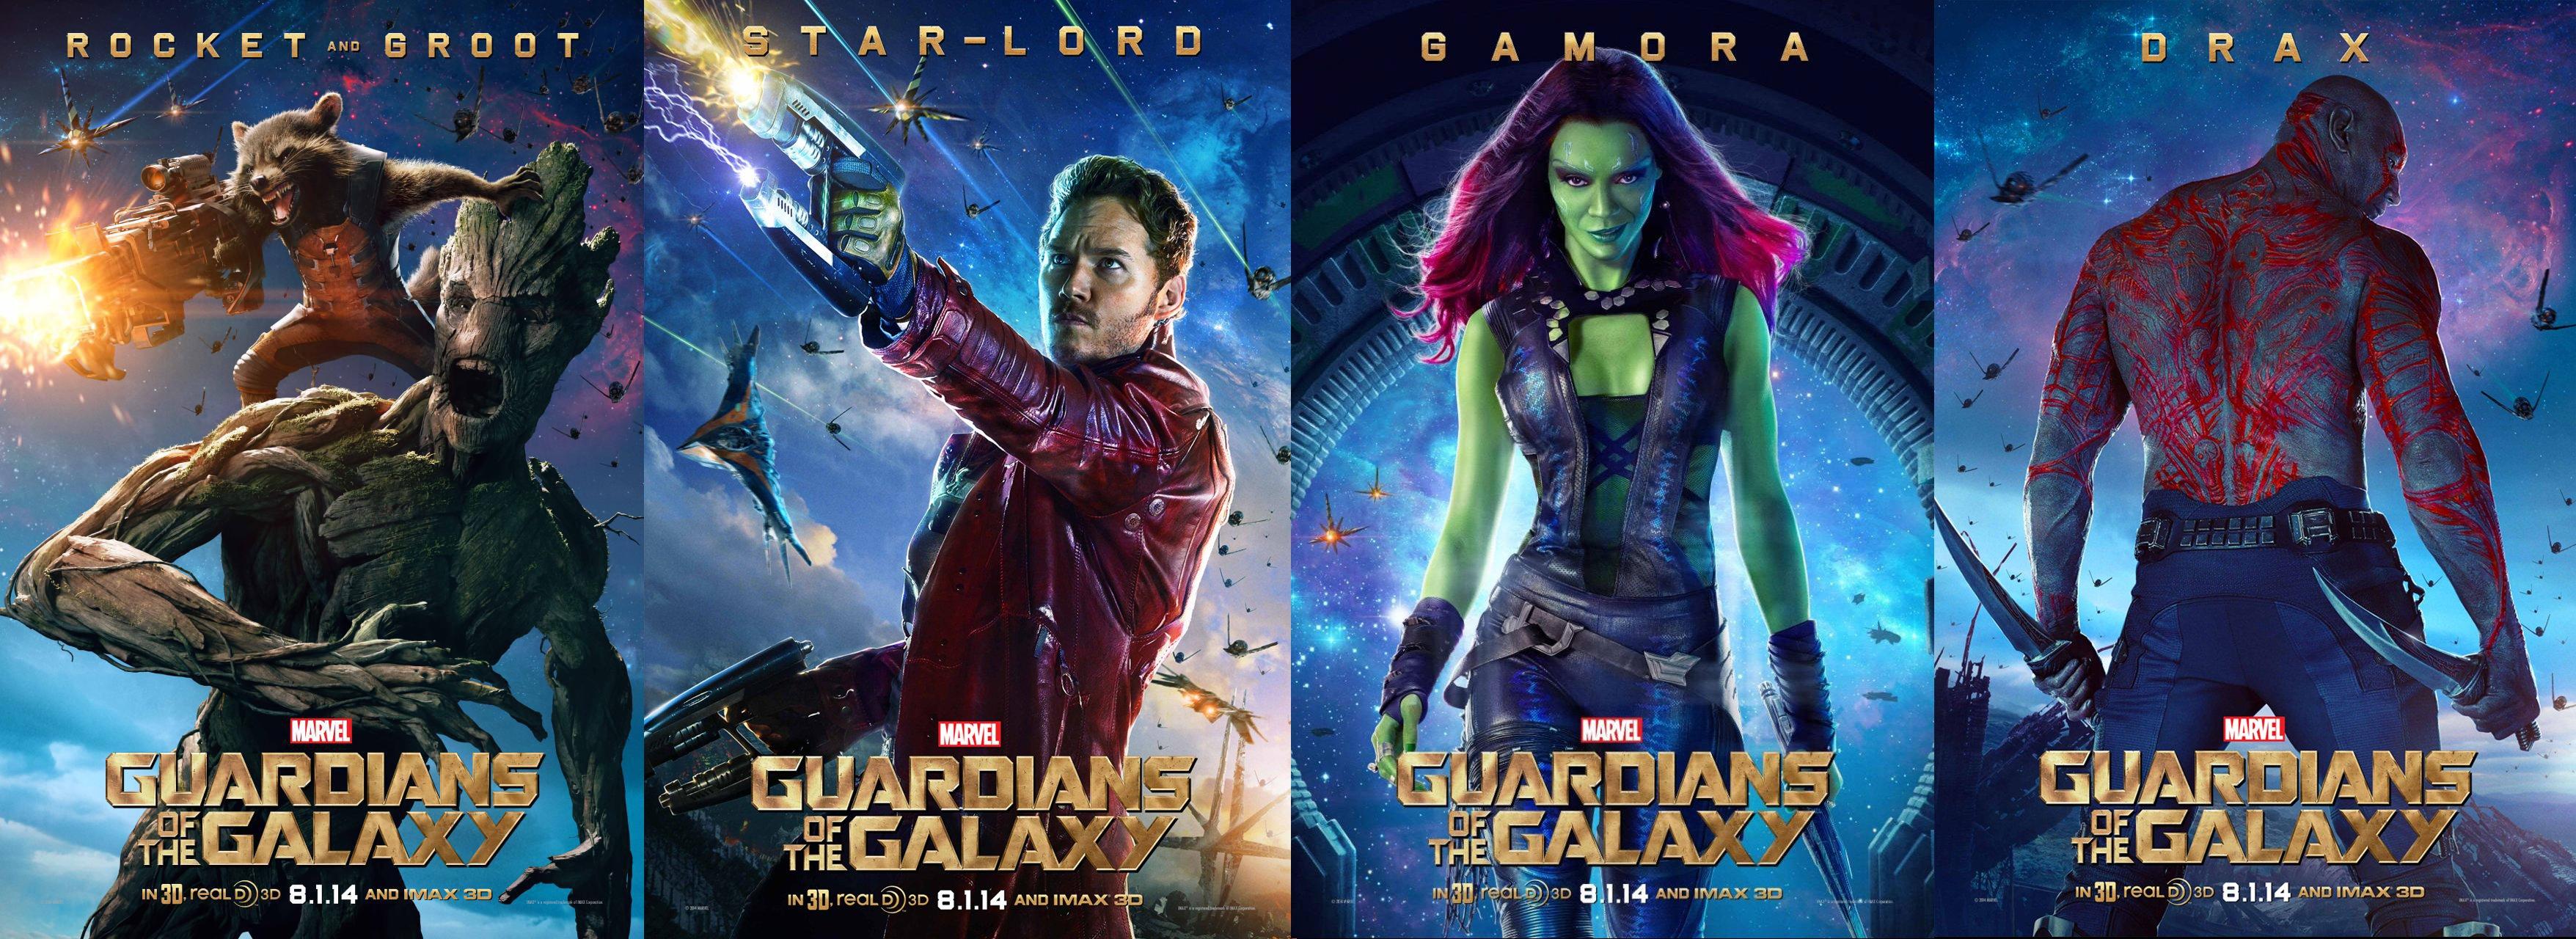 стражи галактики гид по вселенной все что нужно знать страи галактики guide guardians of the galaxy андрей подшибякин отвратительные мужики disgusting men